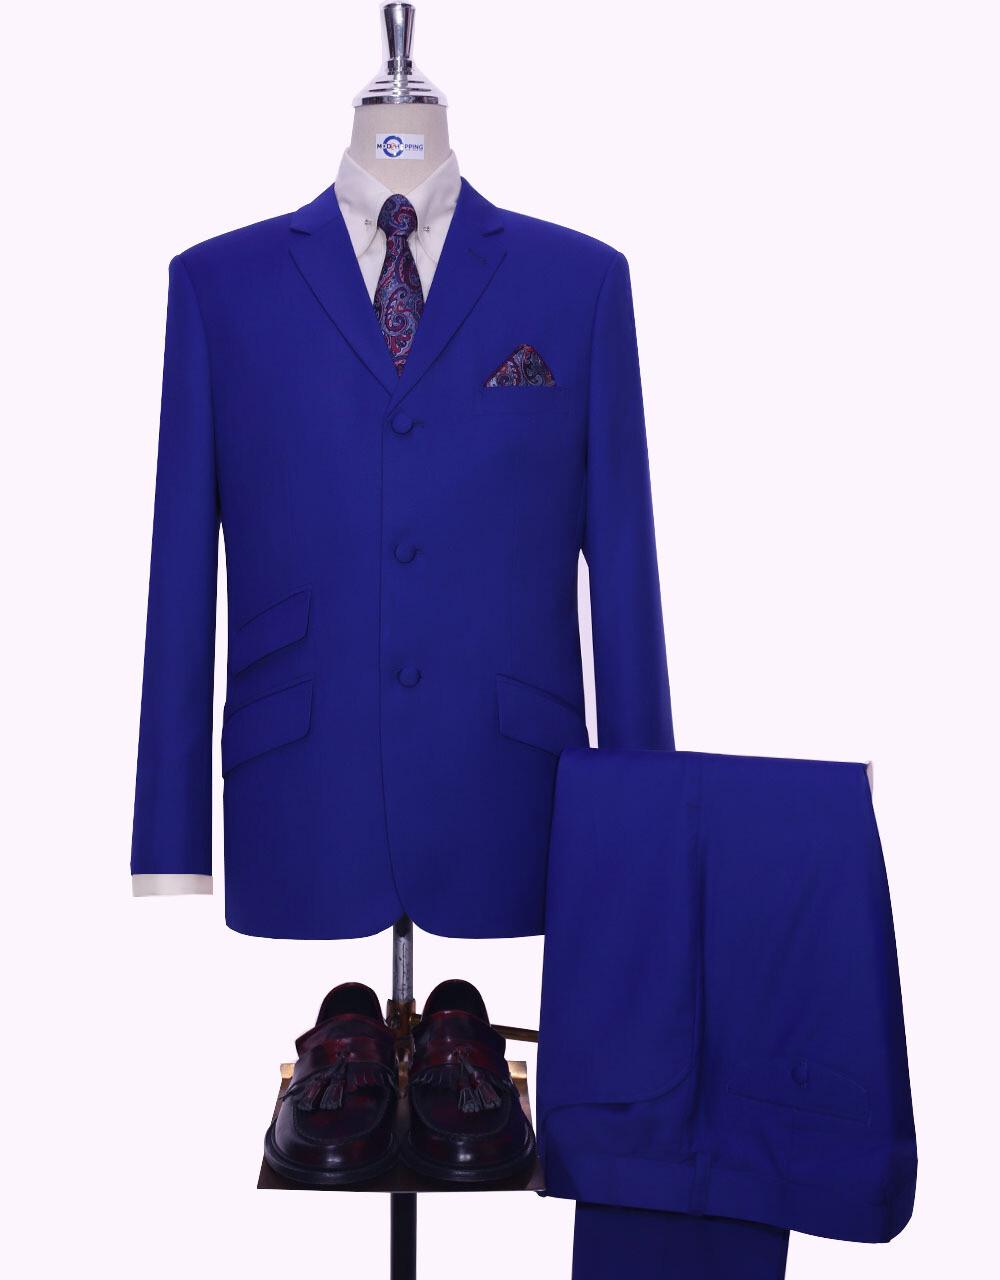 Mod Suit | Royal Blue Plain Color 3 Button Suit